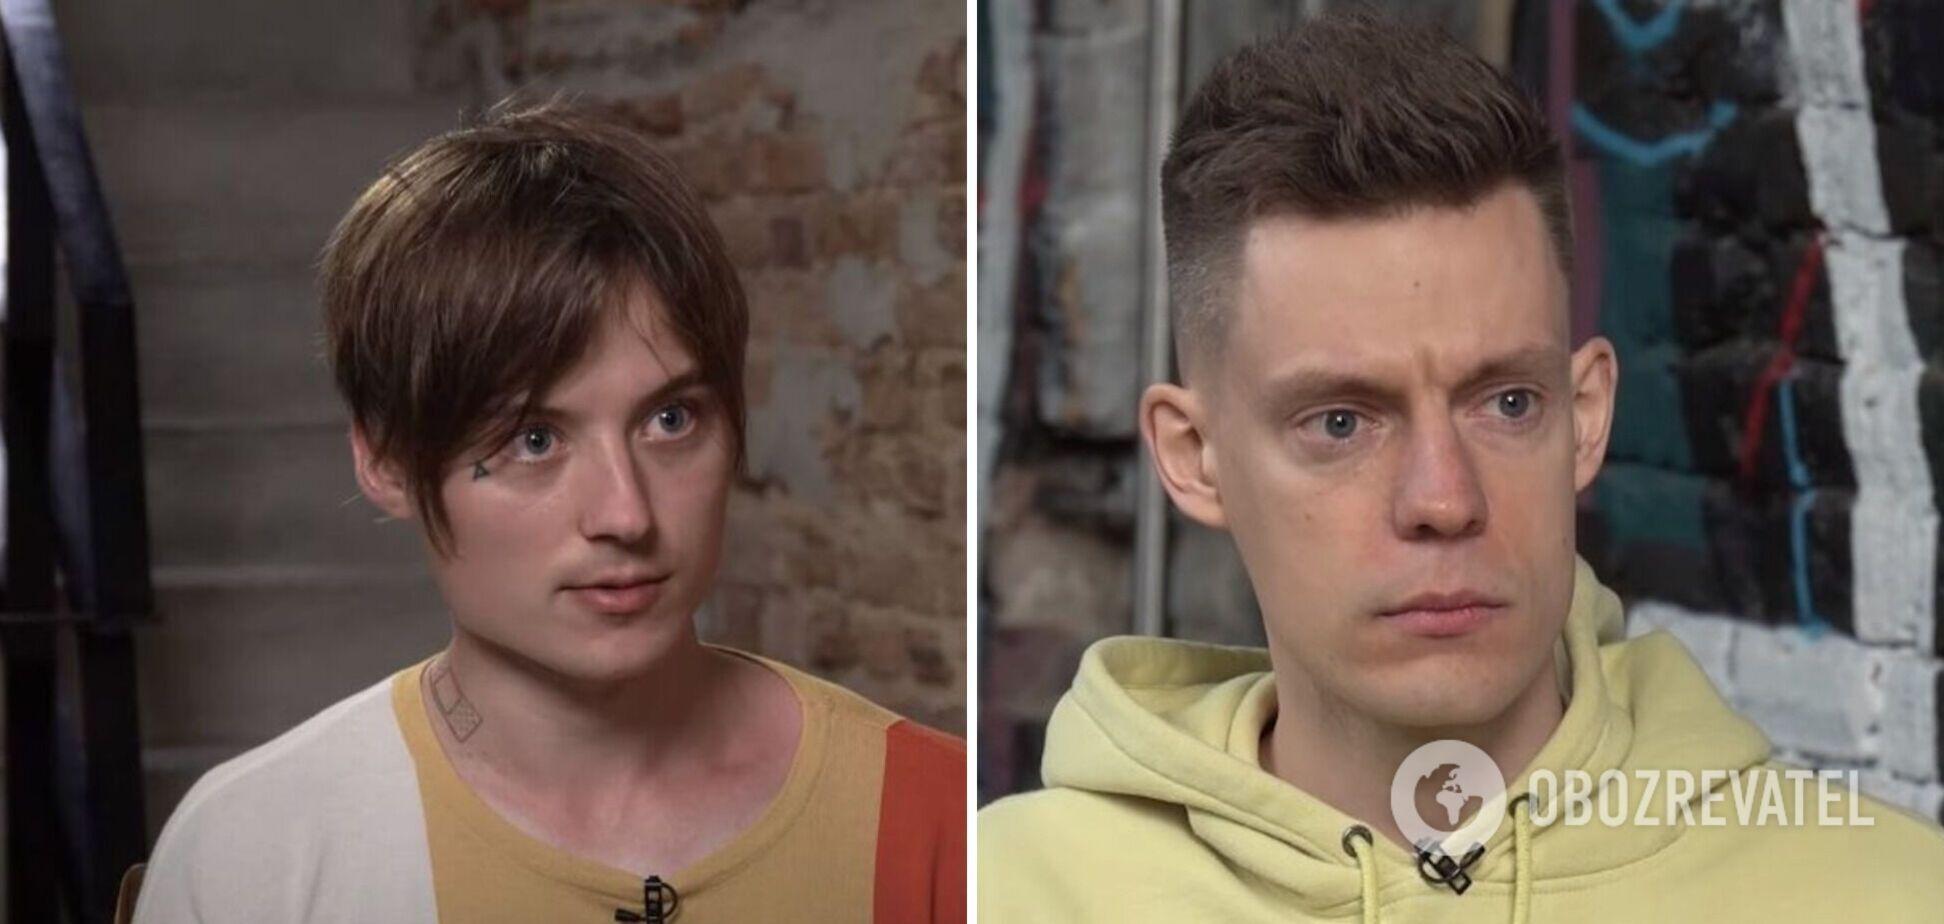 Український блогер Івангай заявив, що Дудь вирізав його слова про Голодомор і назвав його 'сц*клом'